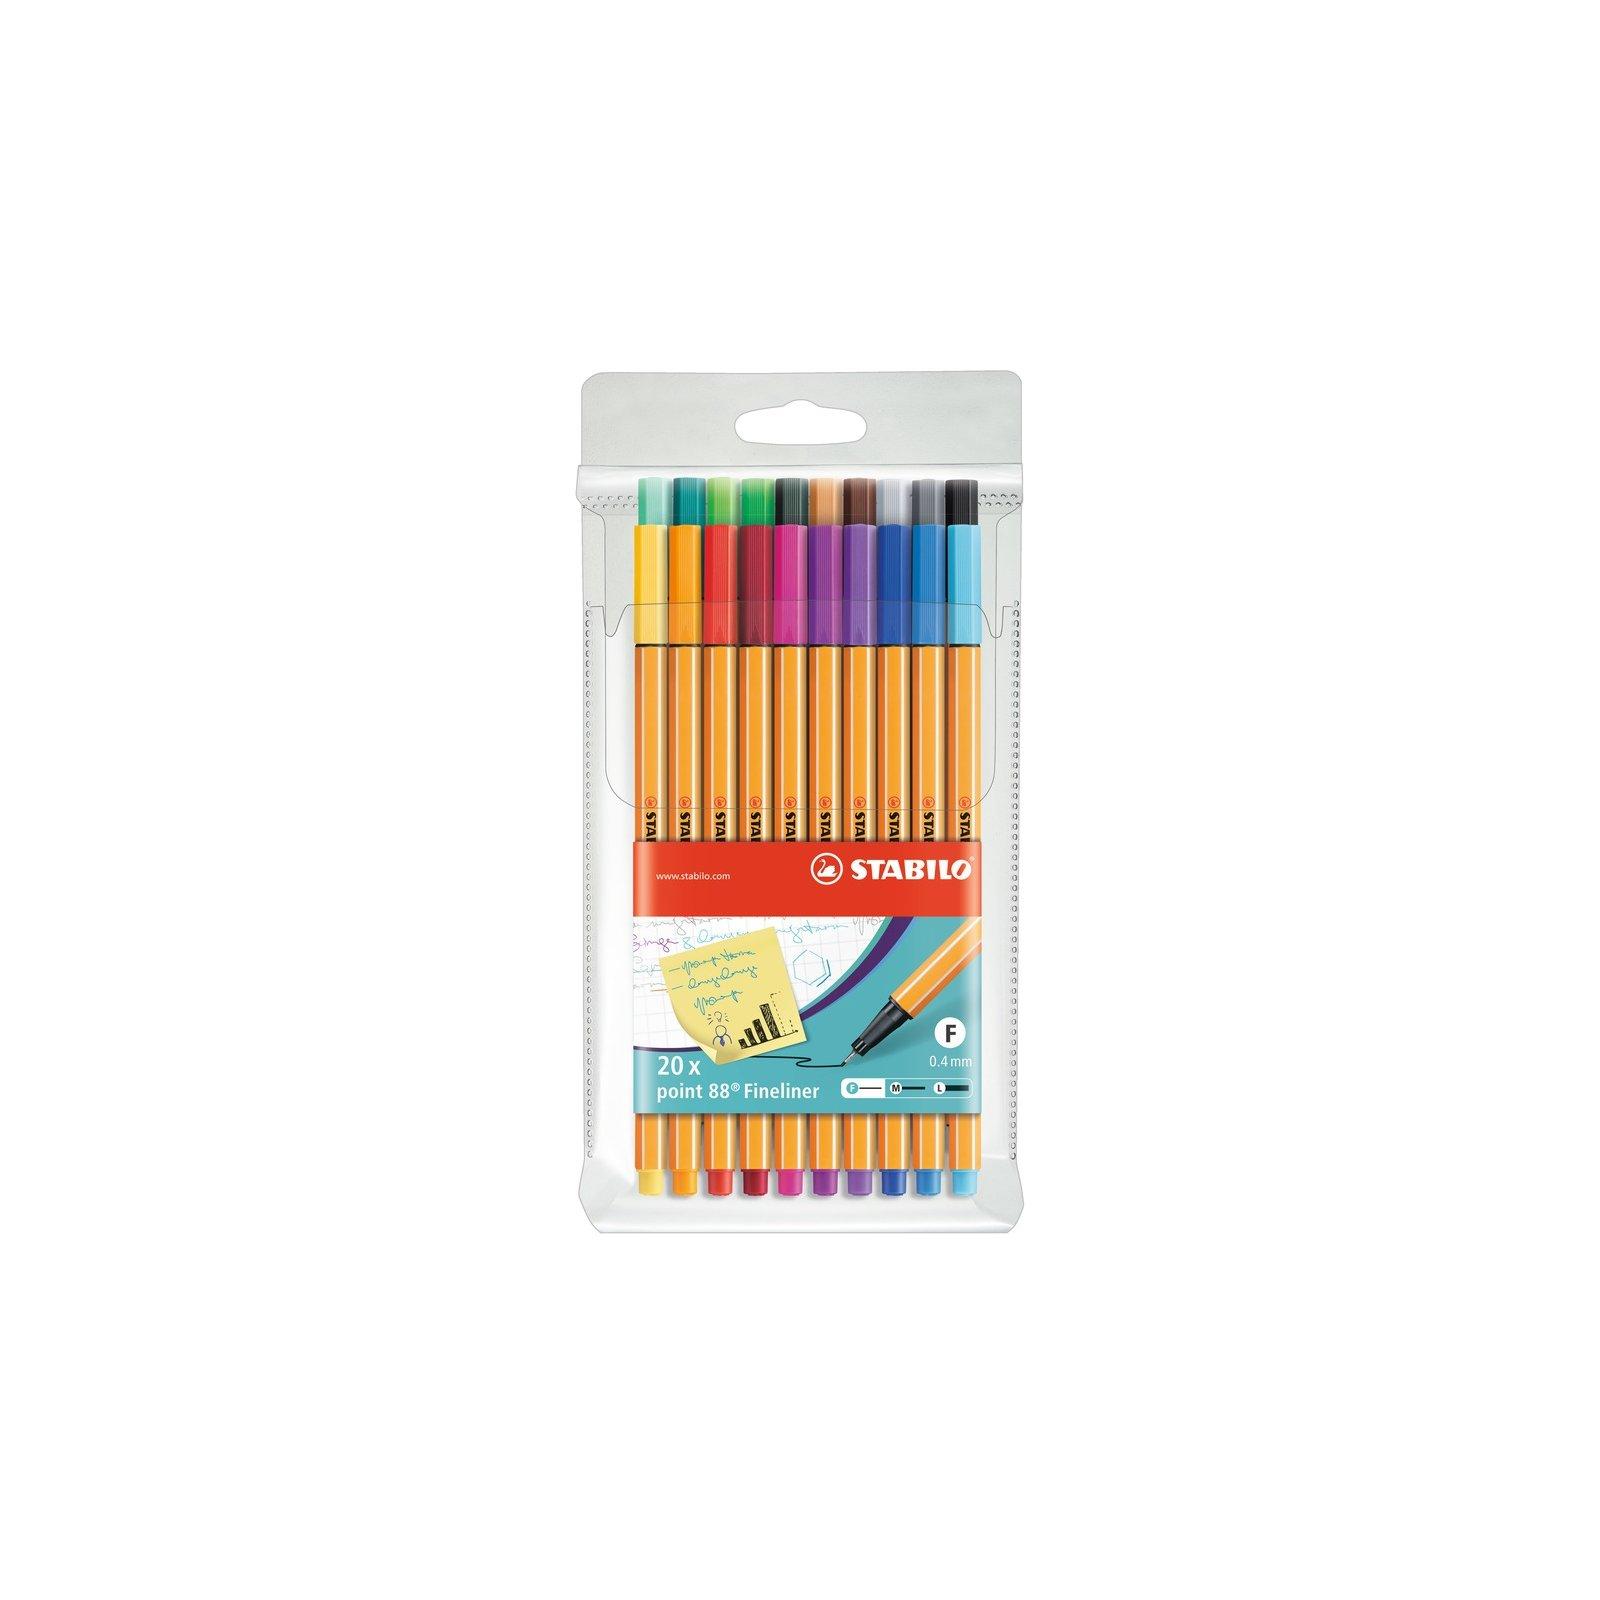 point 88-20er Big point Box STABILO Fineliner mit 20 verschiedenen Farben